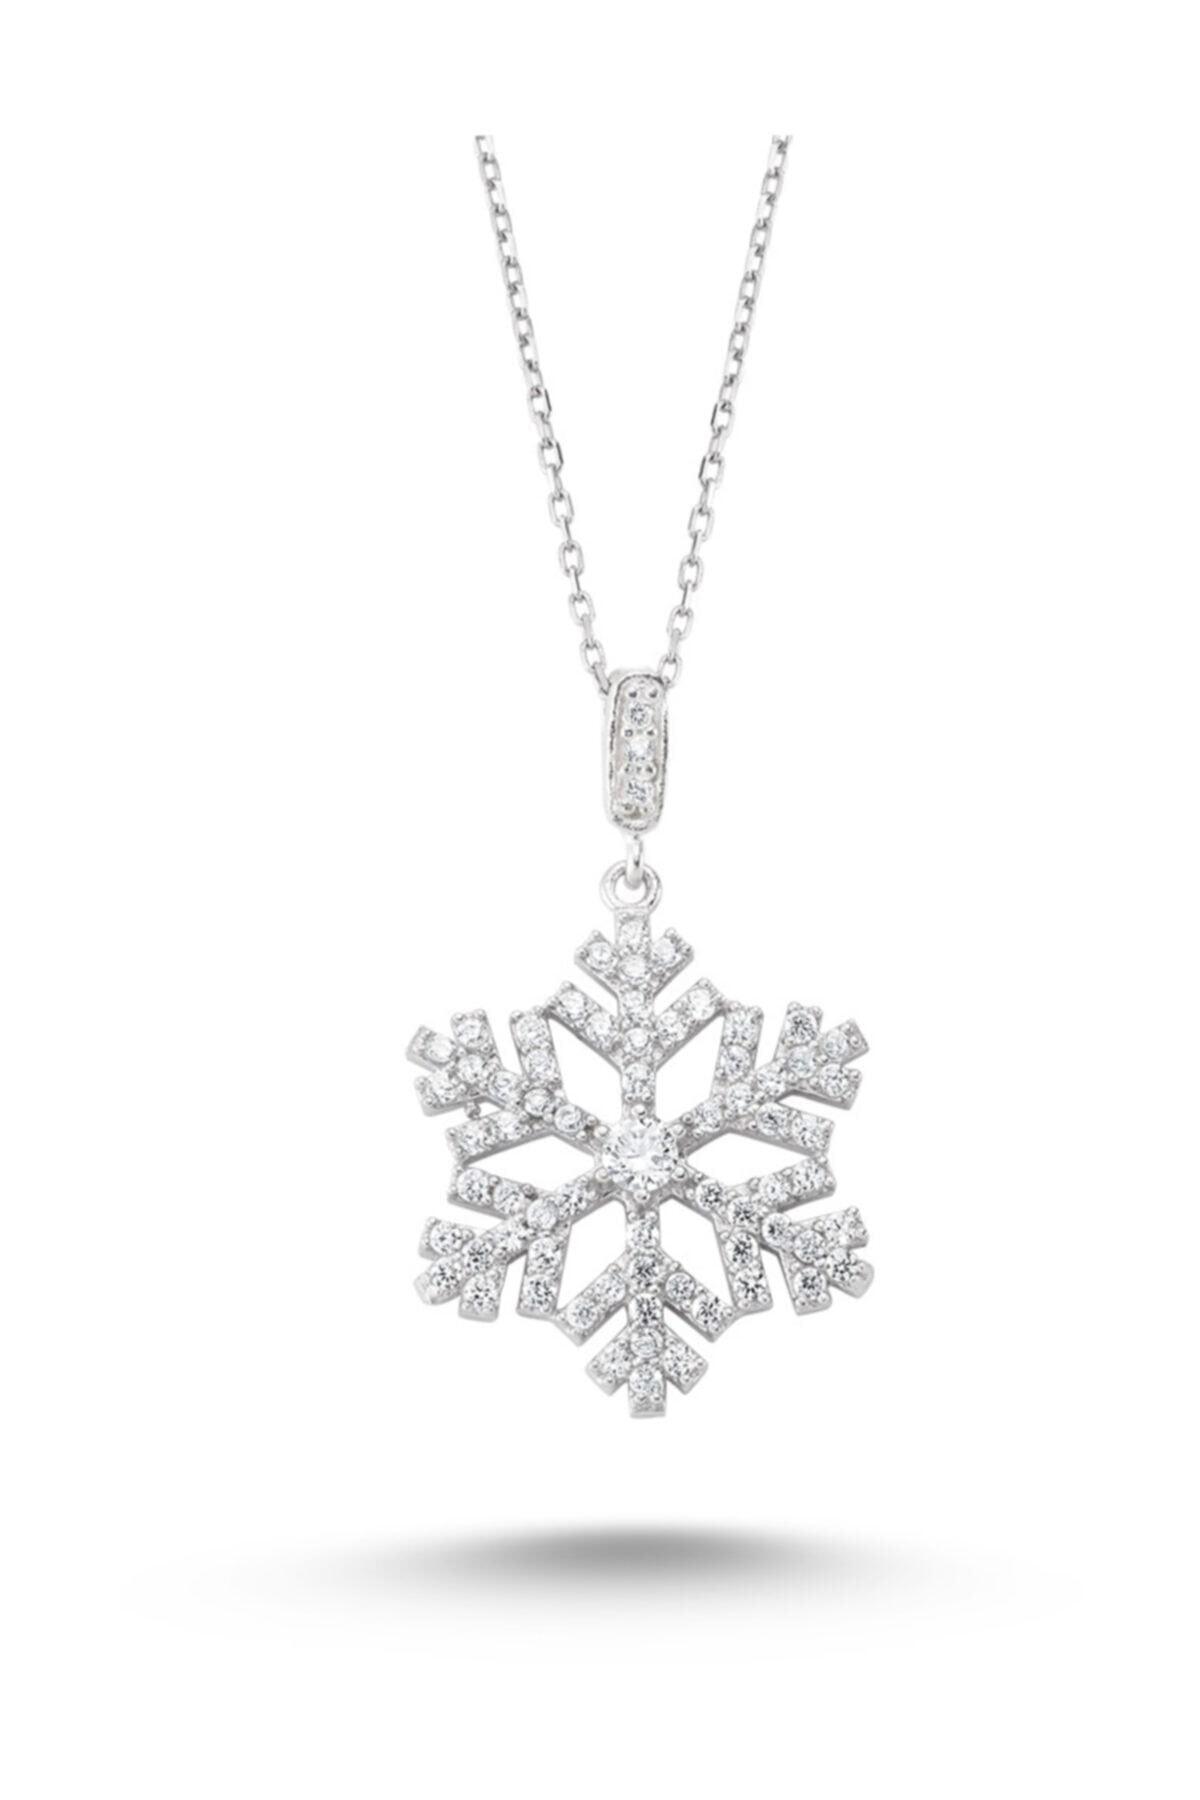 Silver&Silver Kadın 925 Ayar Gümüş Beyaz Swarovski Taşlı Kar Tanesi Kolye Krtnskly2011-10 1